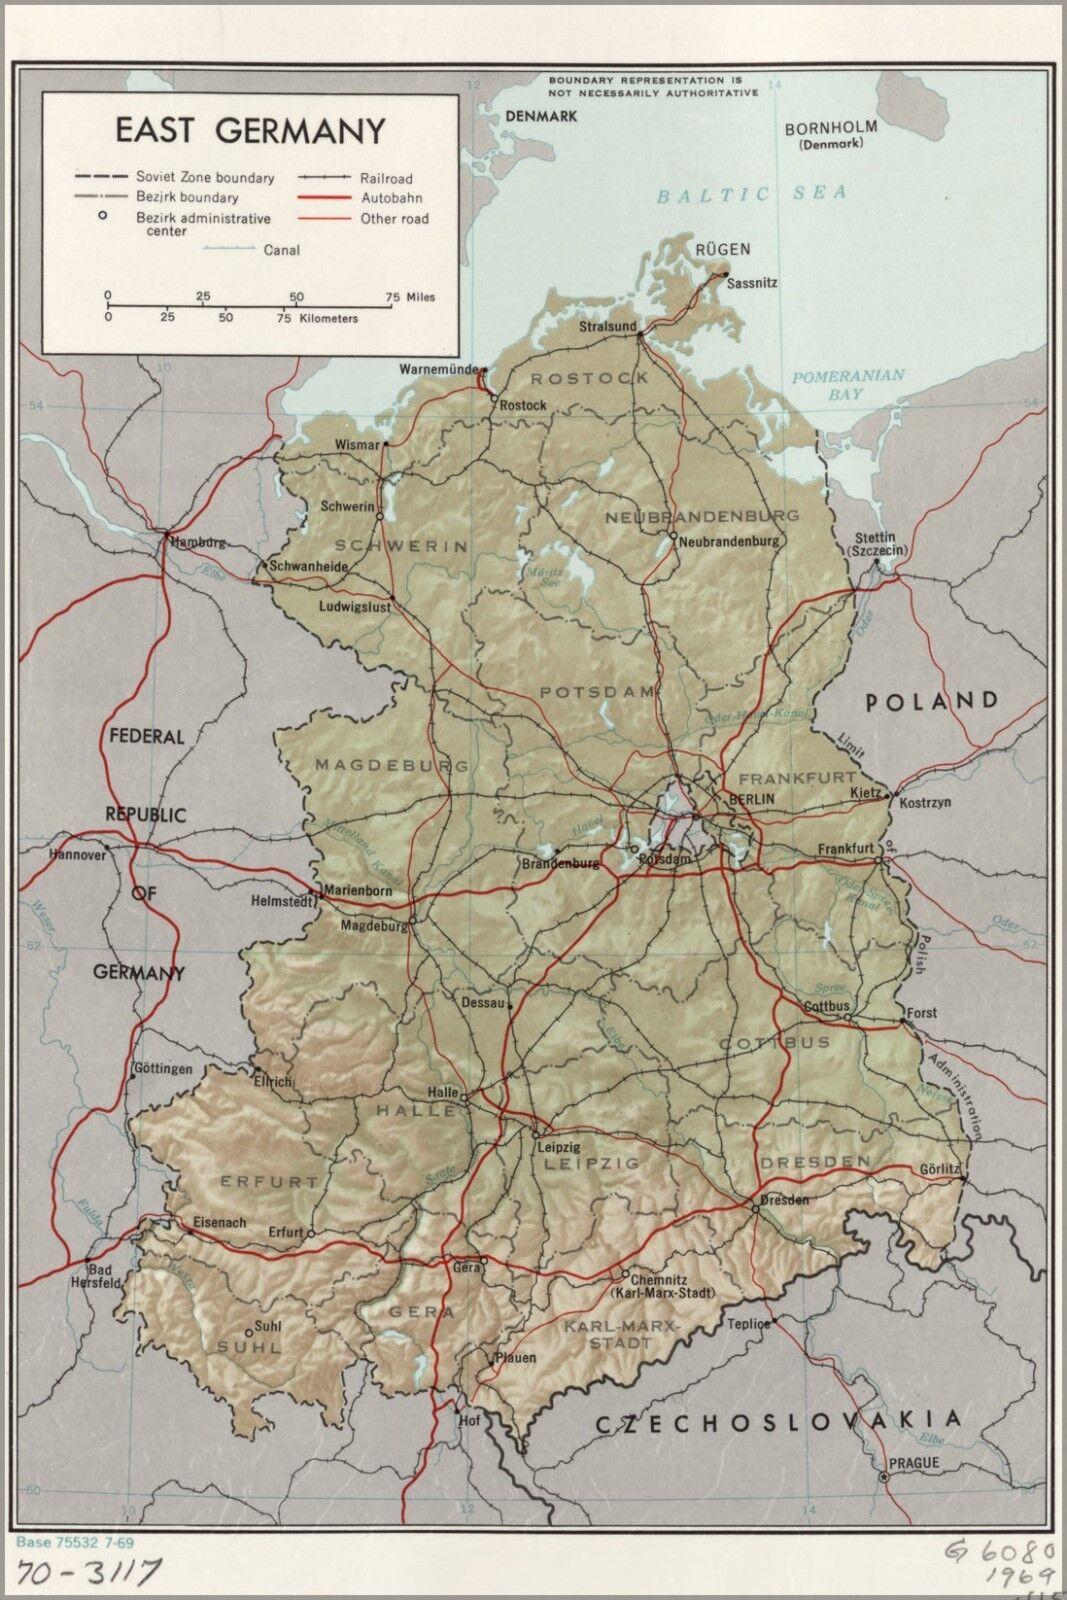 Plakat, Viele Größen; Cia Karte von Ost Deutschland 1969